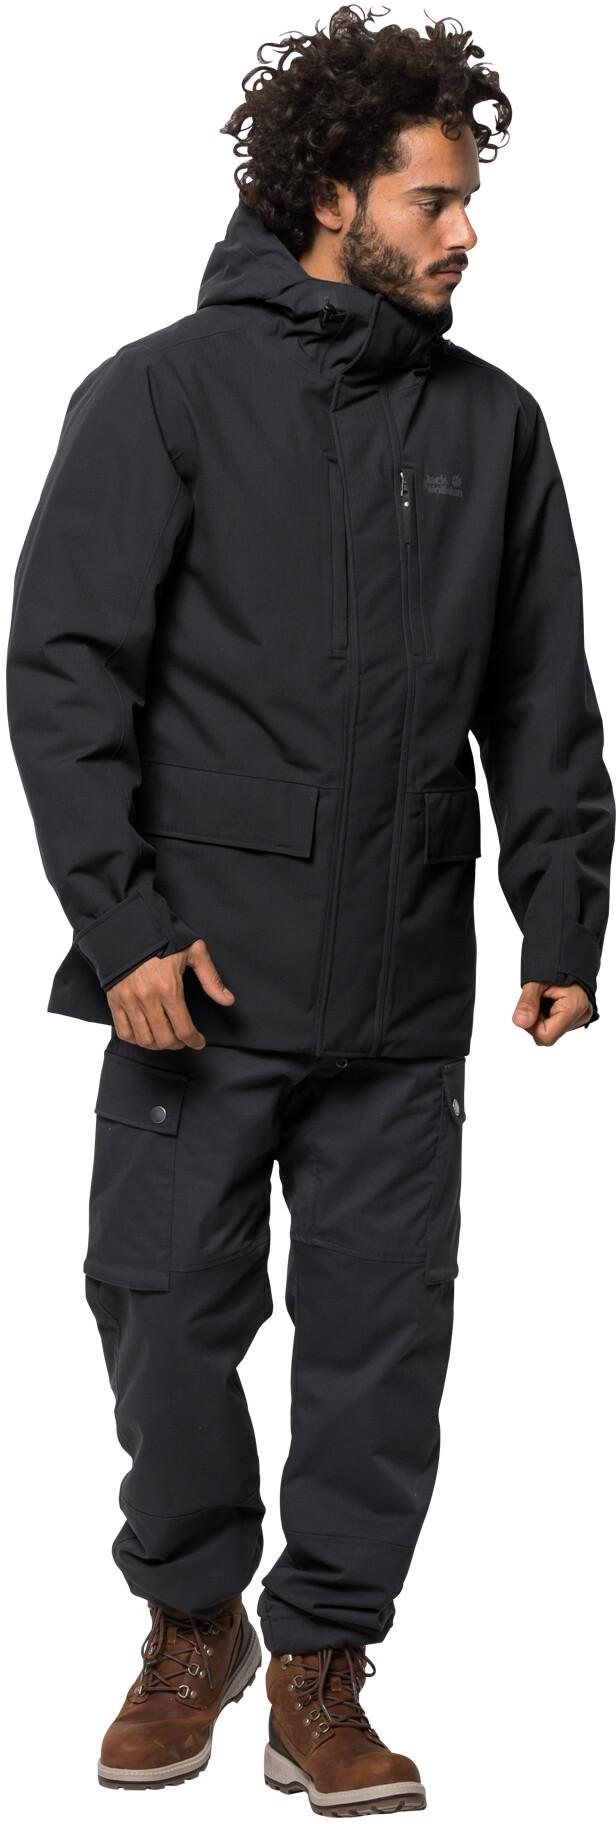 Jack Wolfskin West Coast Jacket Veste hiver Homme